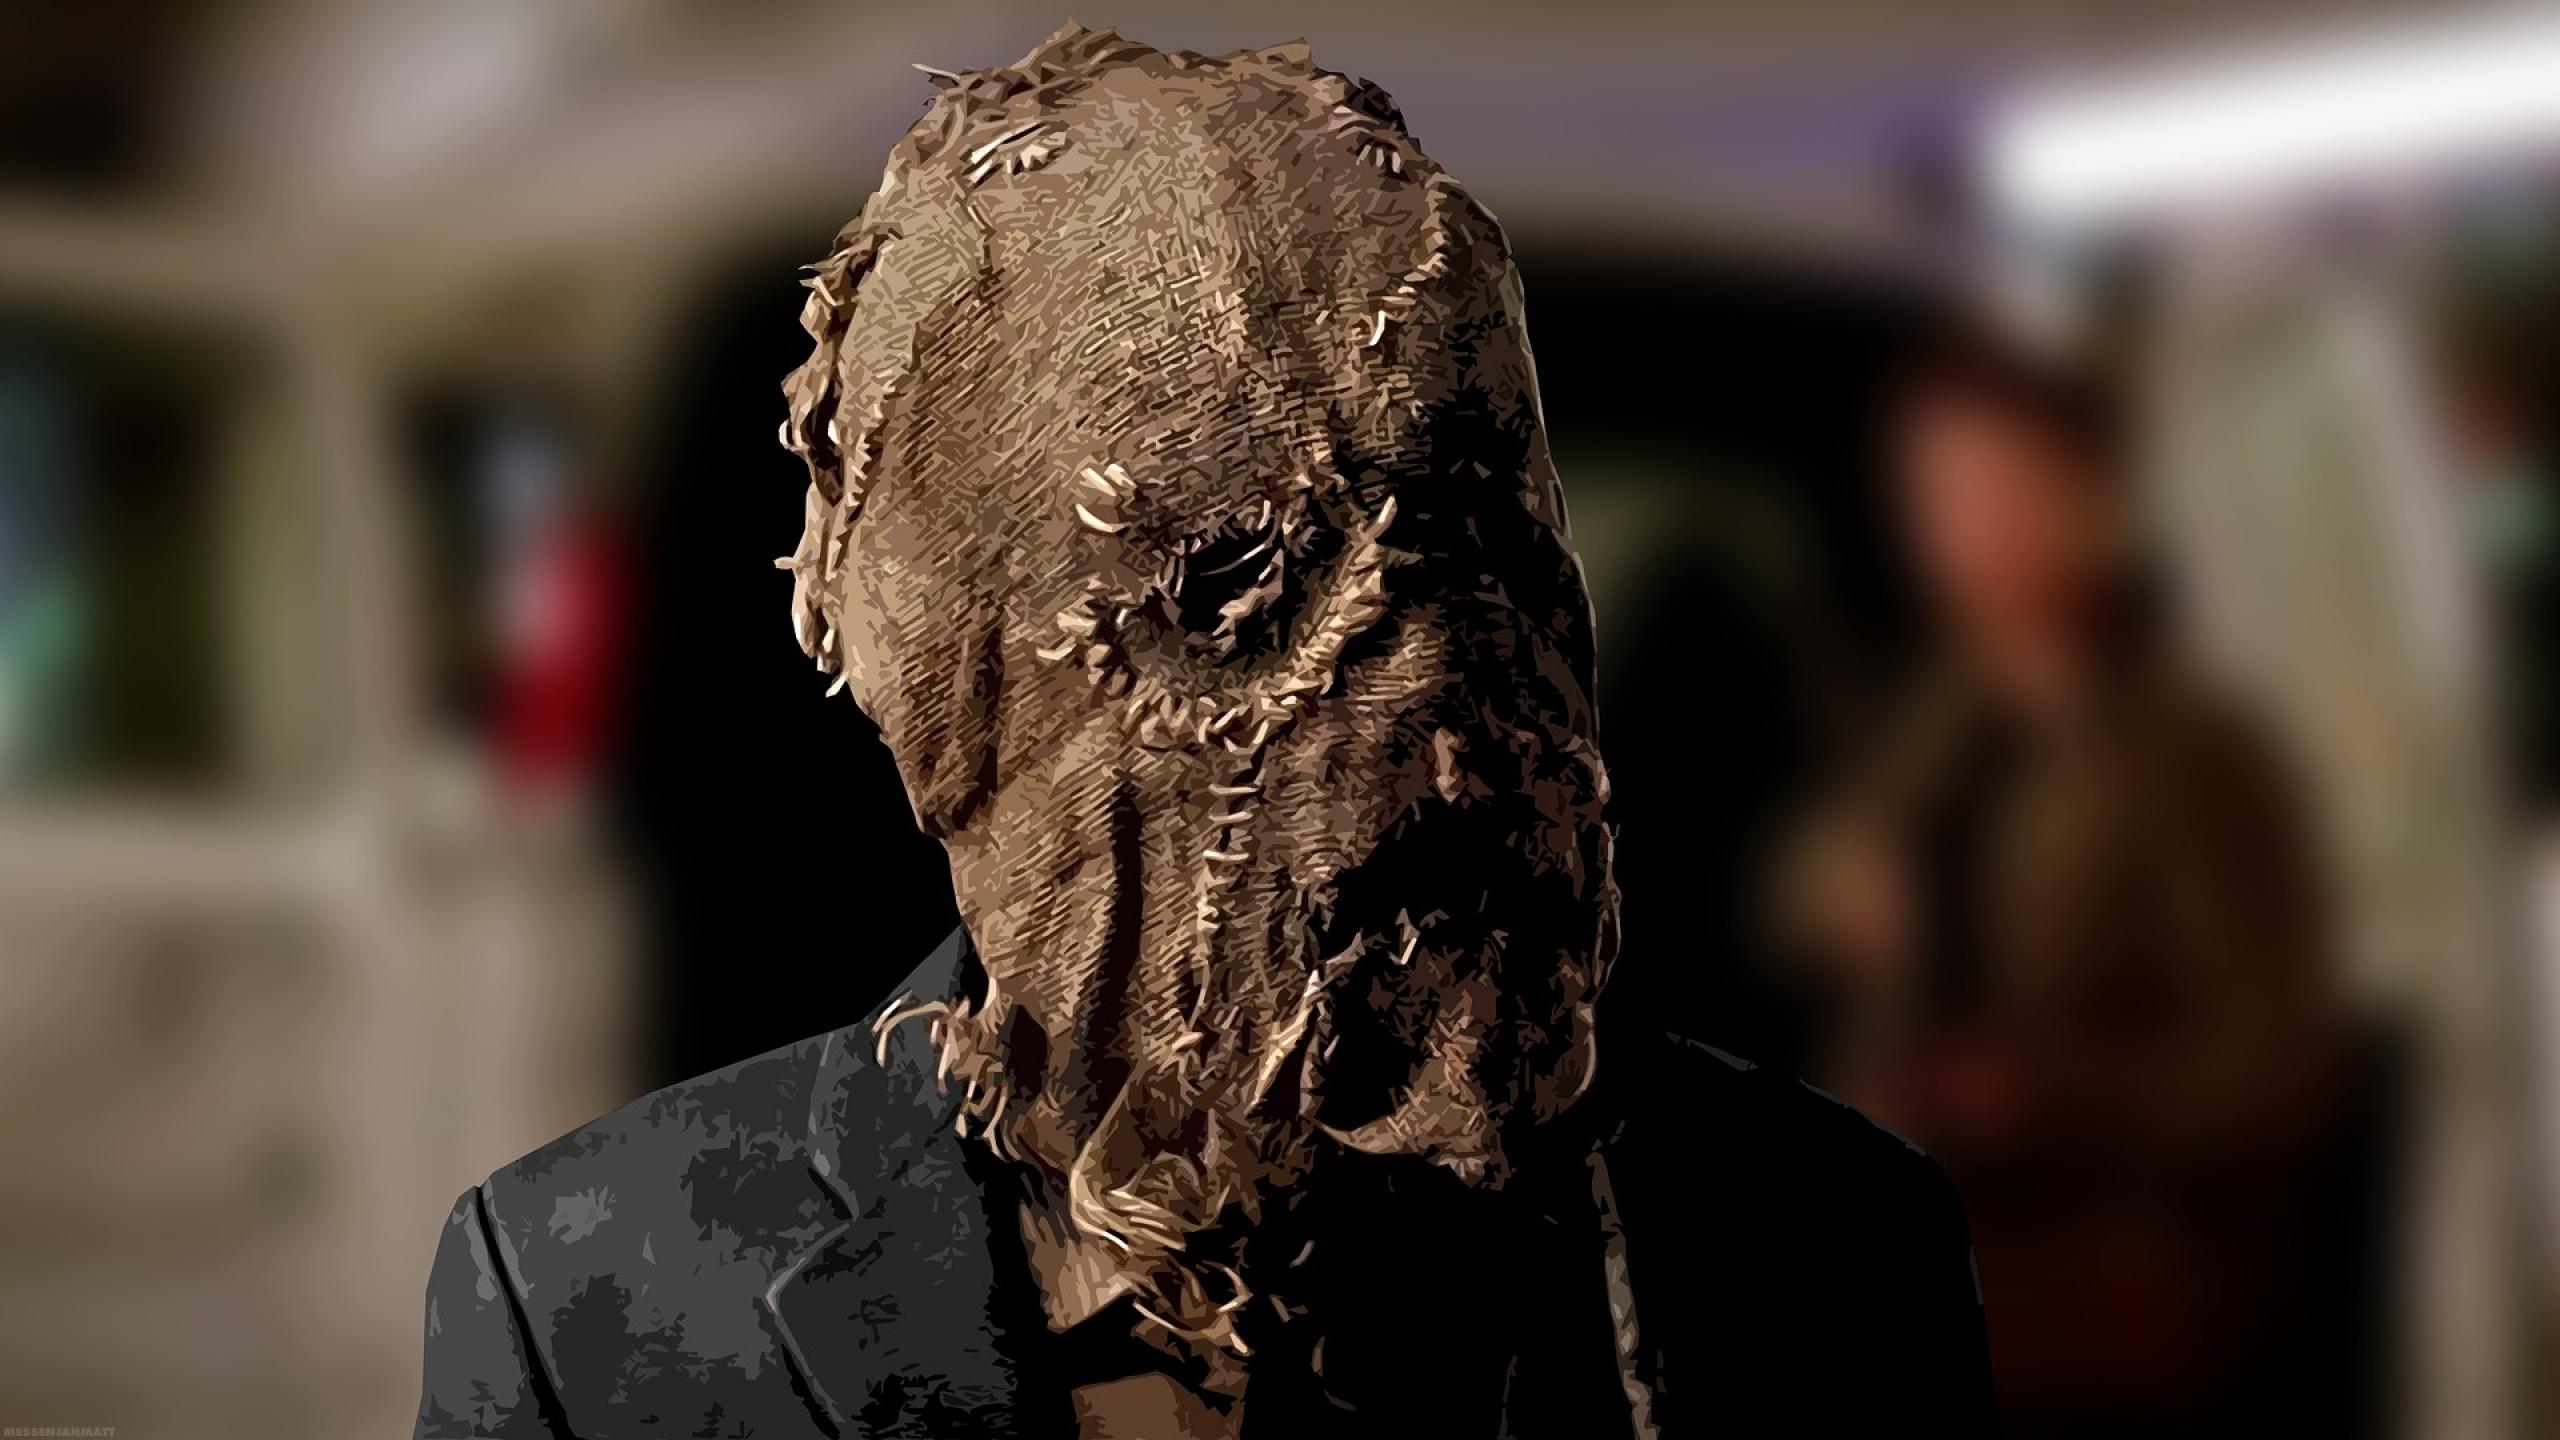 2560x1440 batman villains batman begins masks cillian murphy scarecrow 2560x1440